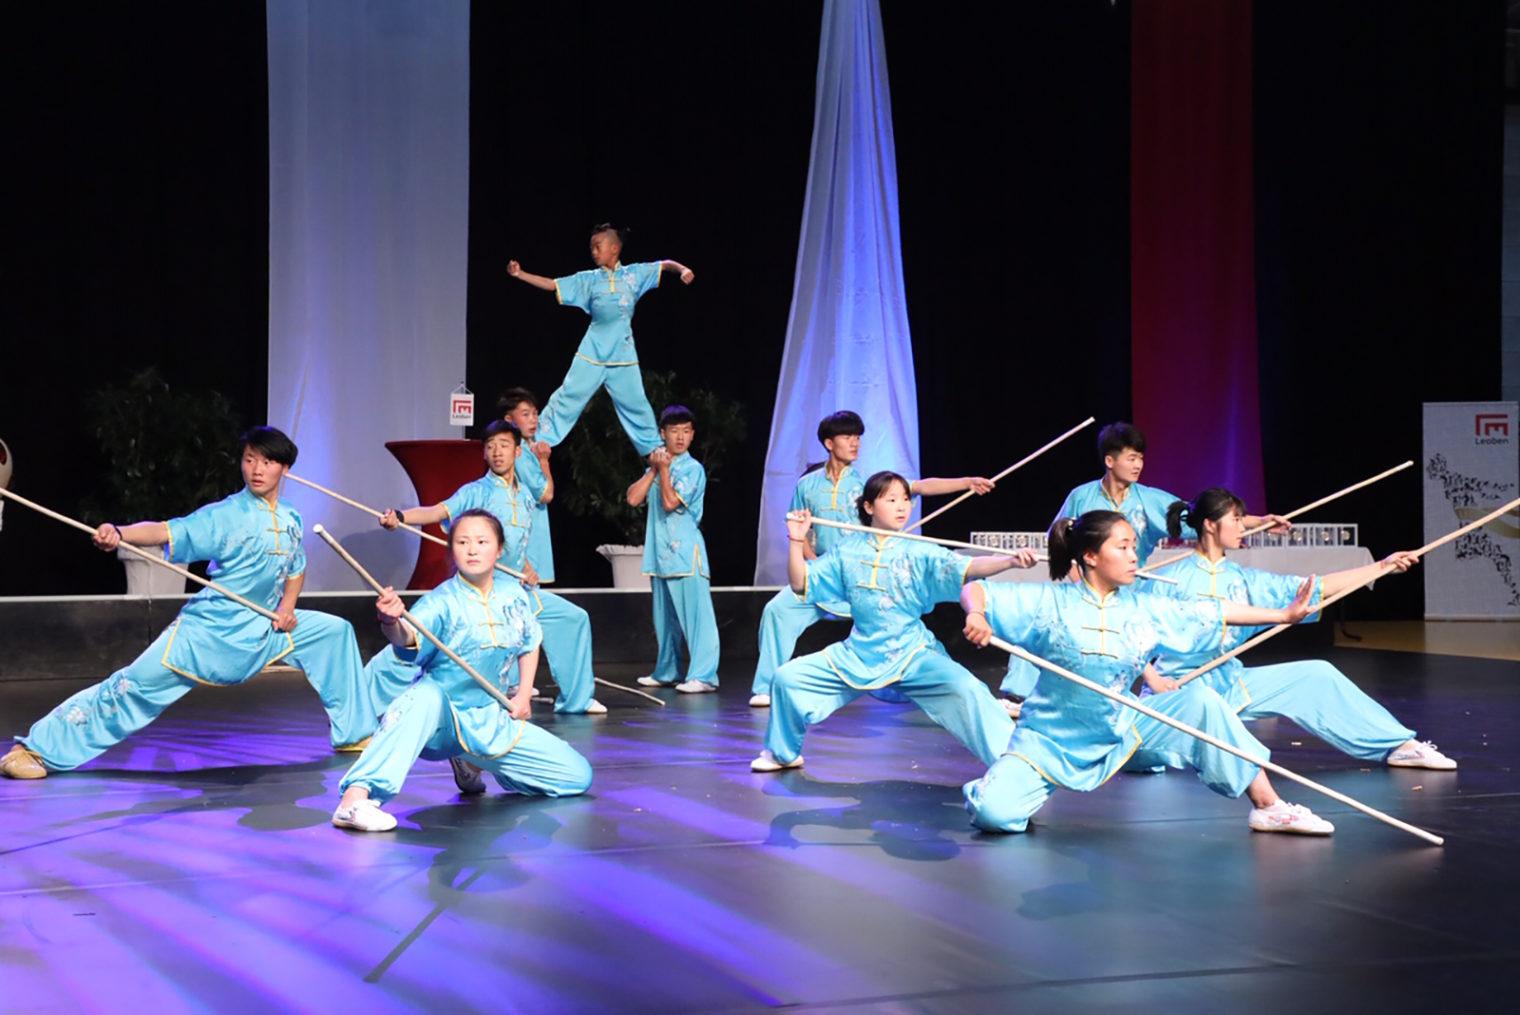 Auftritt des Kung Fu Ensembles in Leoben